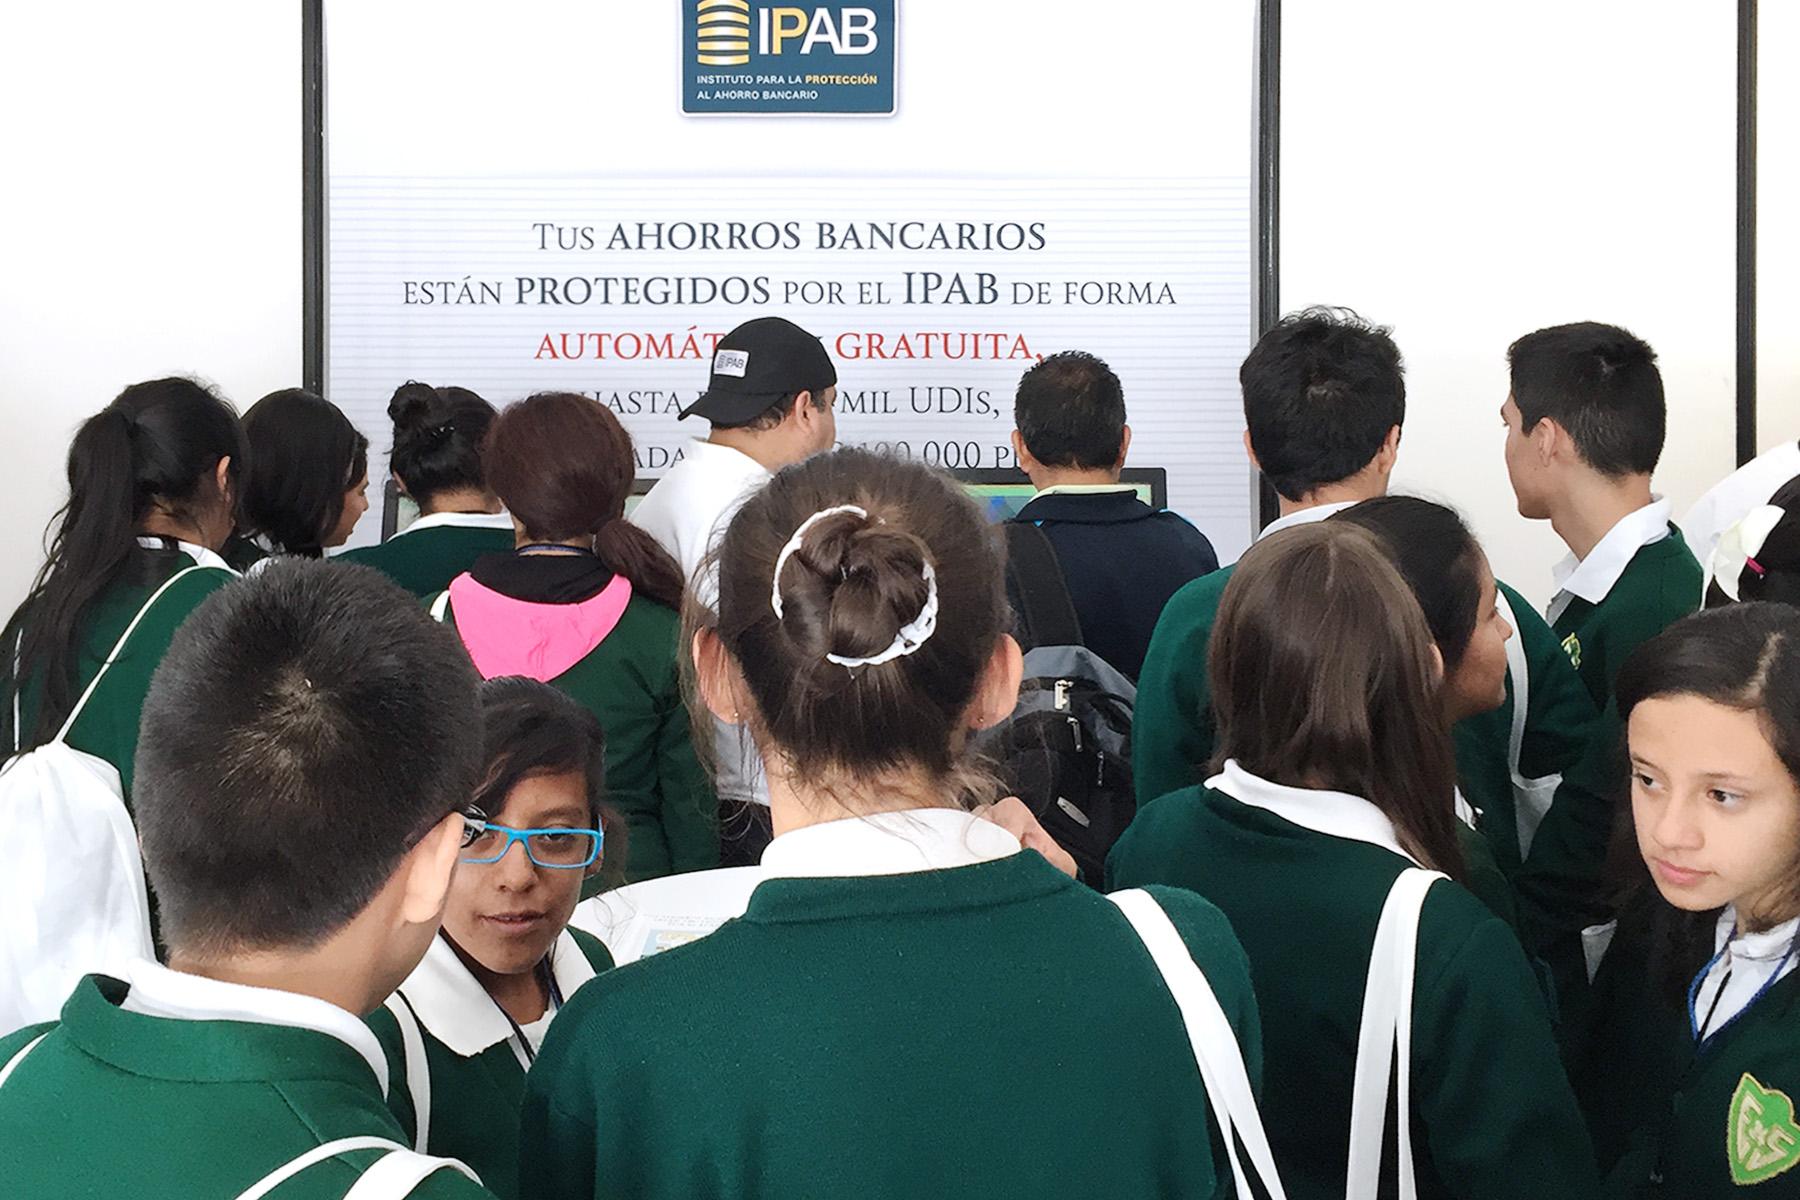 Espacio de Educación Financiera del IPAB. Sede Central, SNEF 2015.